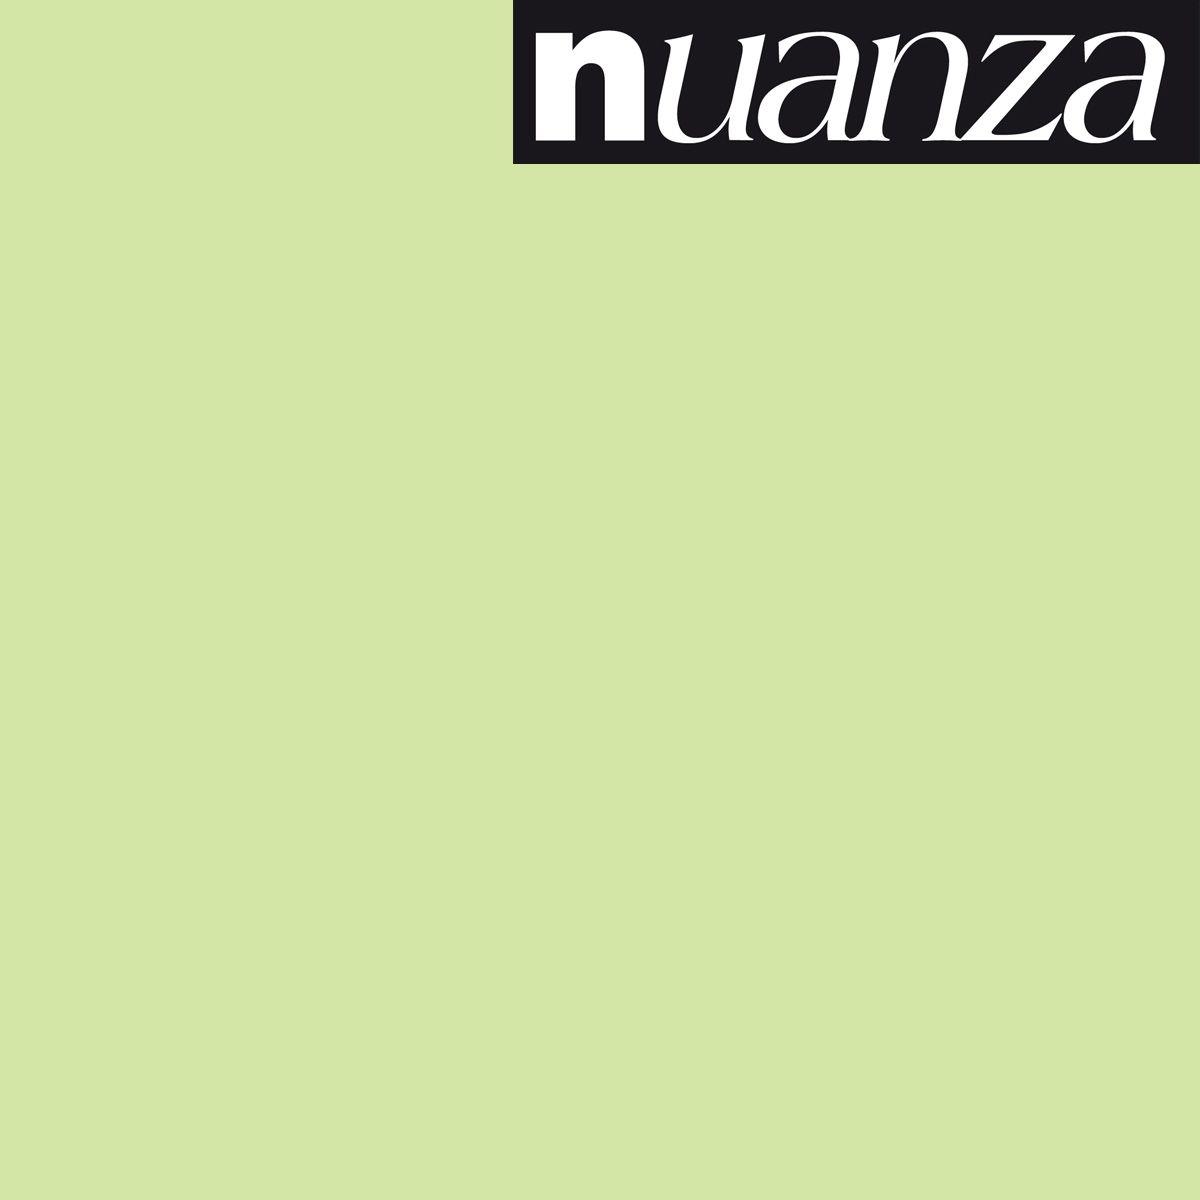 Peinture Nuanza satin monocouche amandine 0.5l